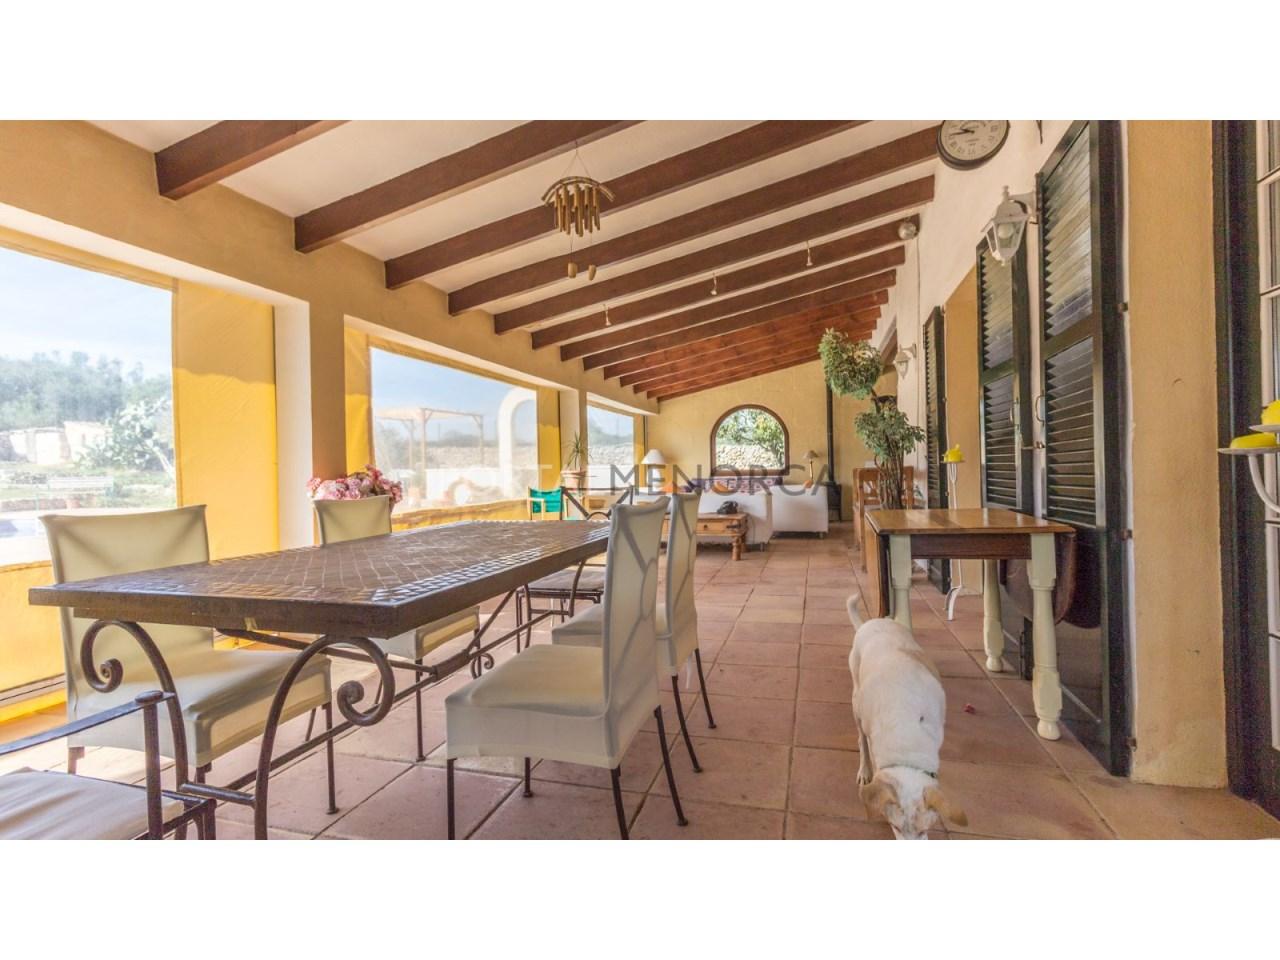 Casa de campo con piscina en venta en Mahon (1 de 24)